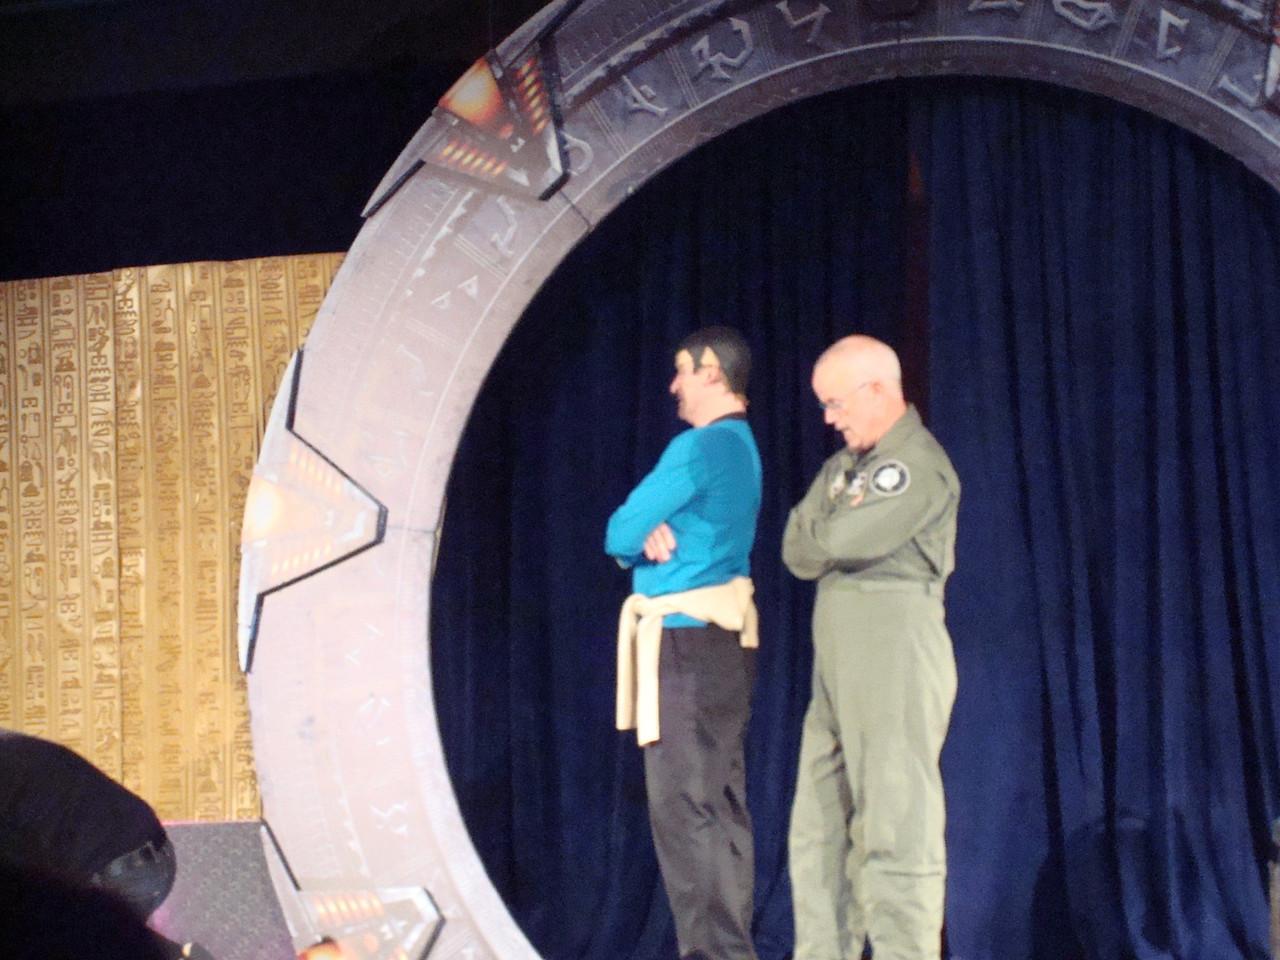 Starhole (play/improv thing). Dean Haglund, Gary Jones.